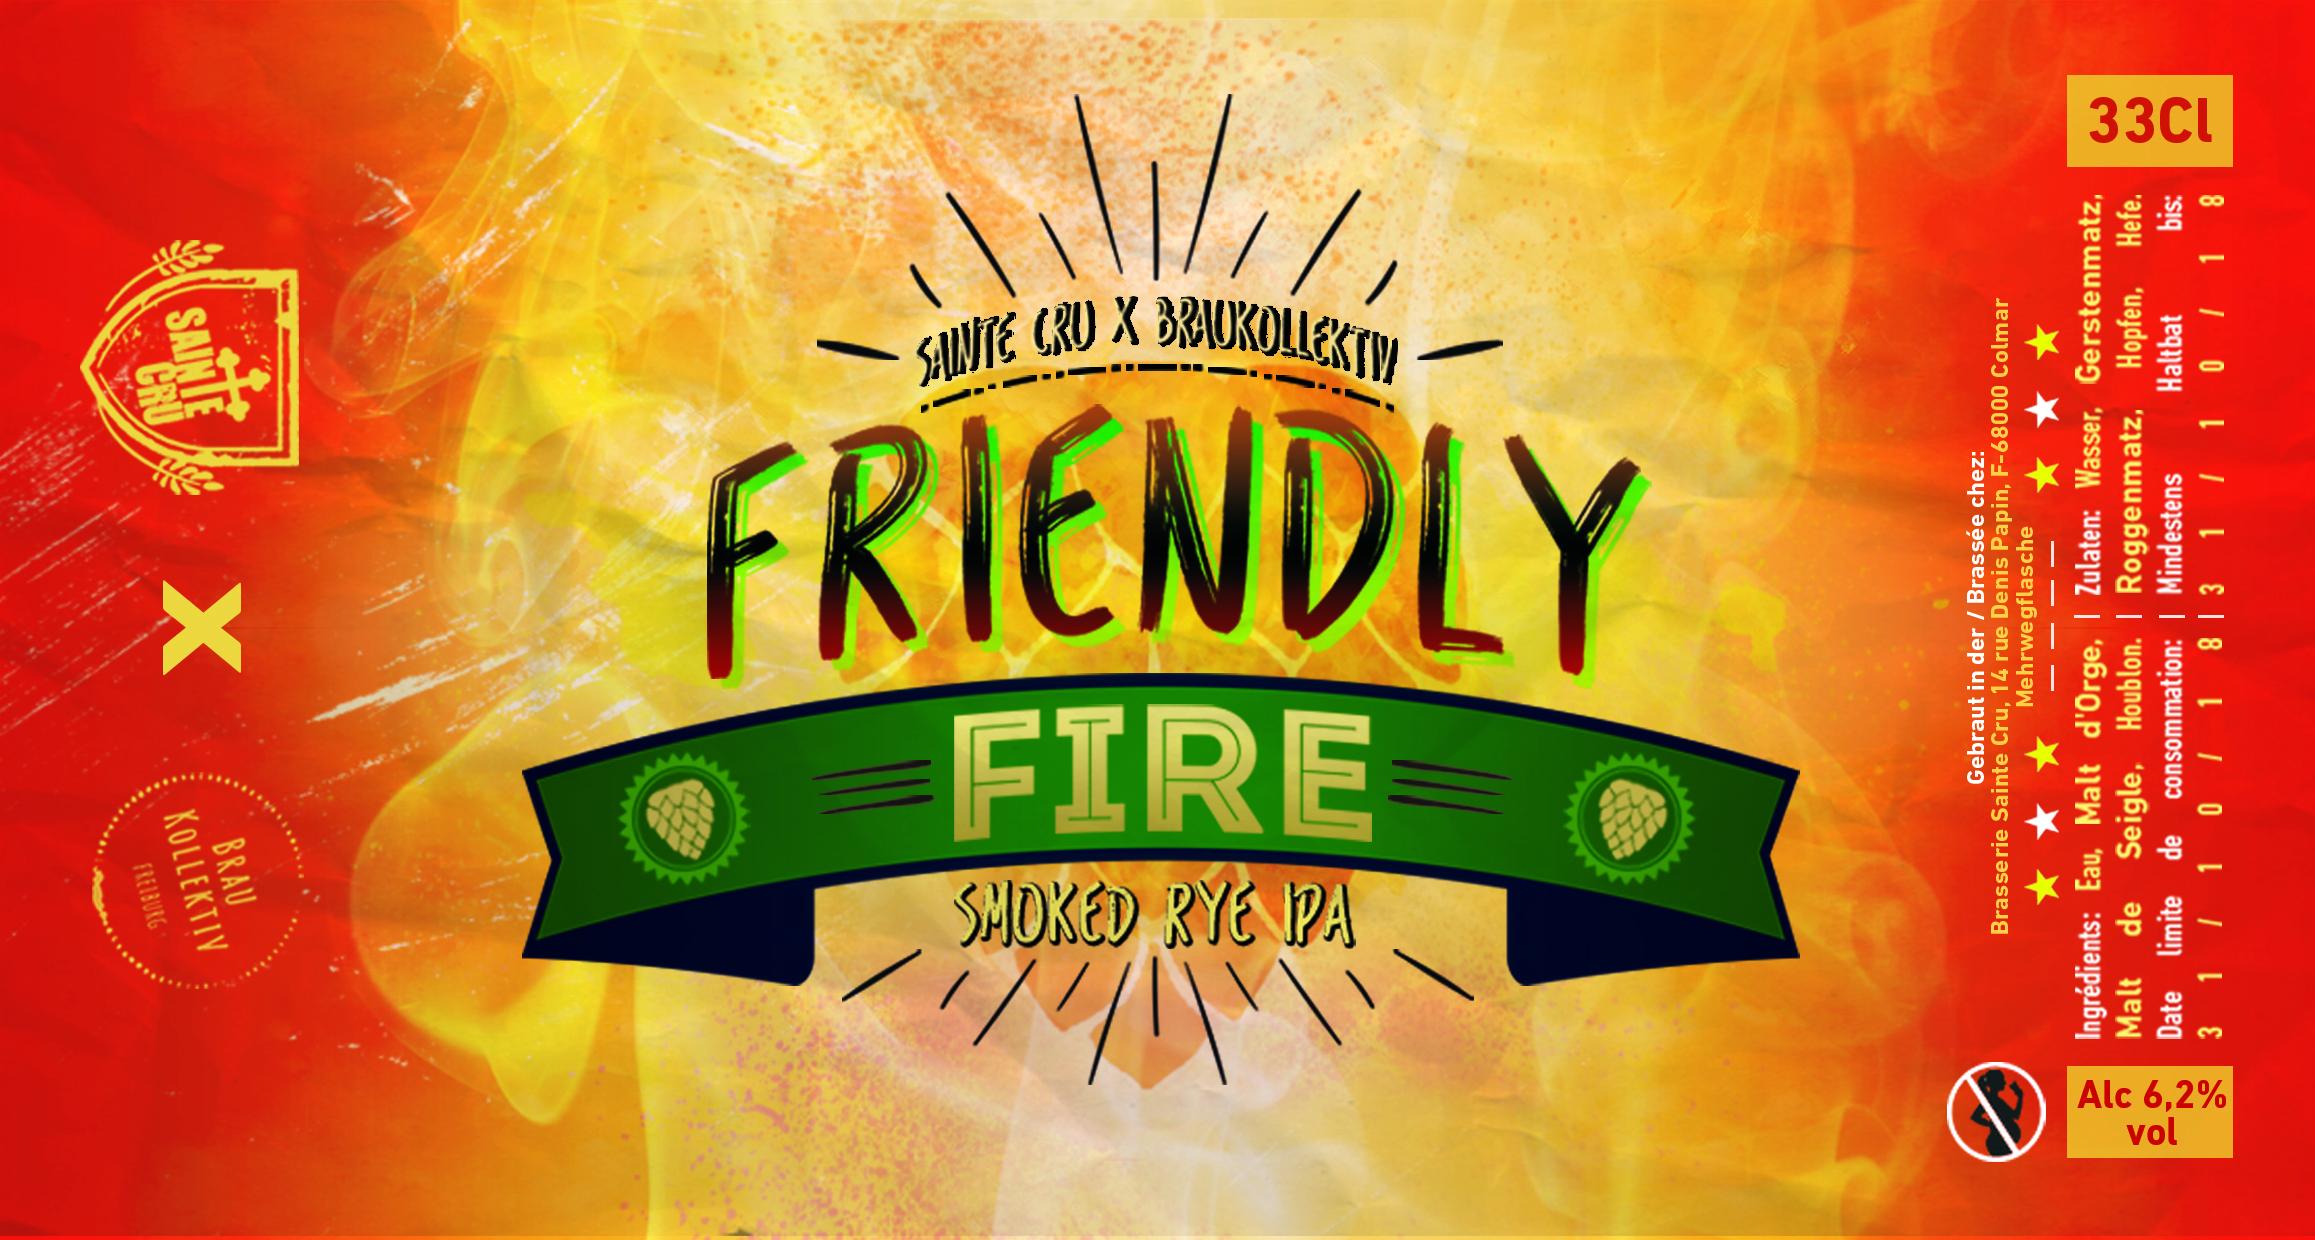 FriendlyFire.jpg